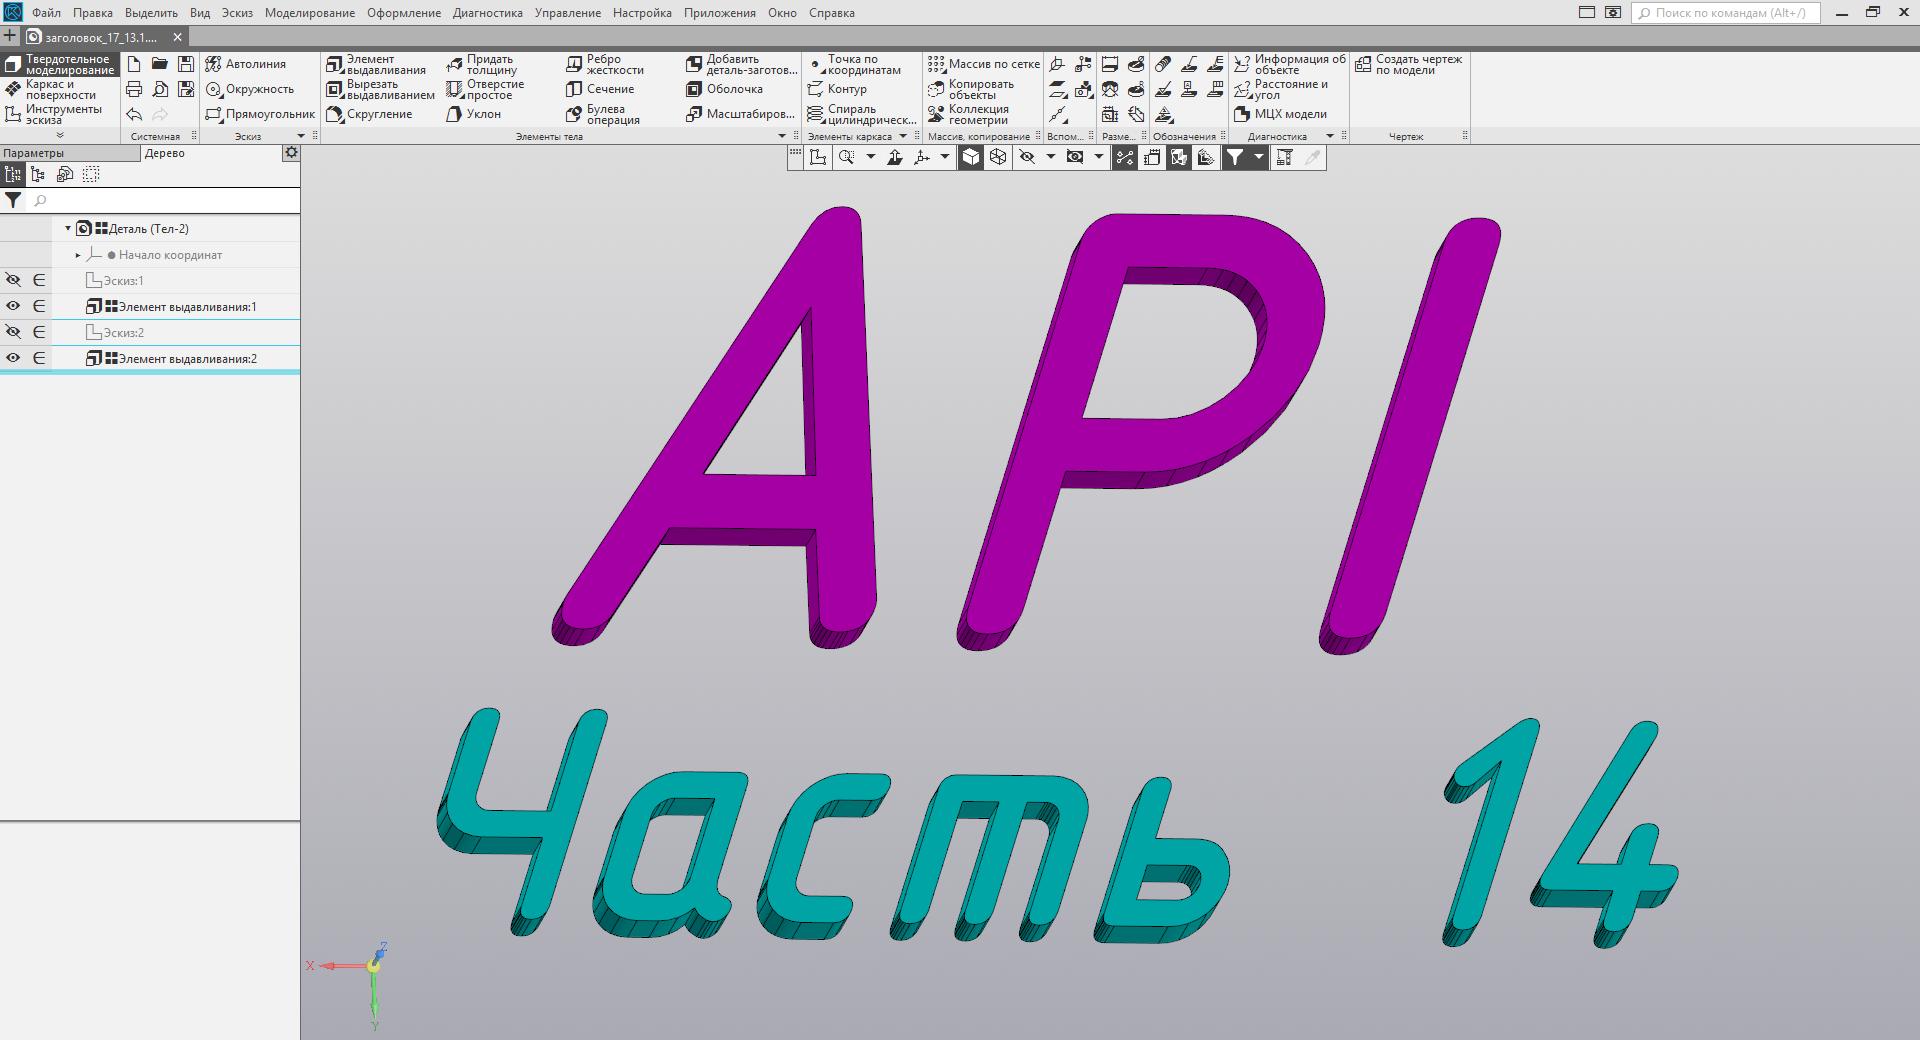 Работа с API КОМПАС-3D → Урок 14 → Многострочный текст - 1